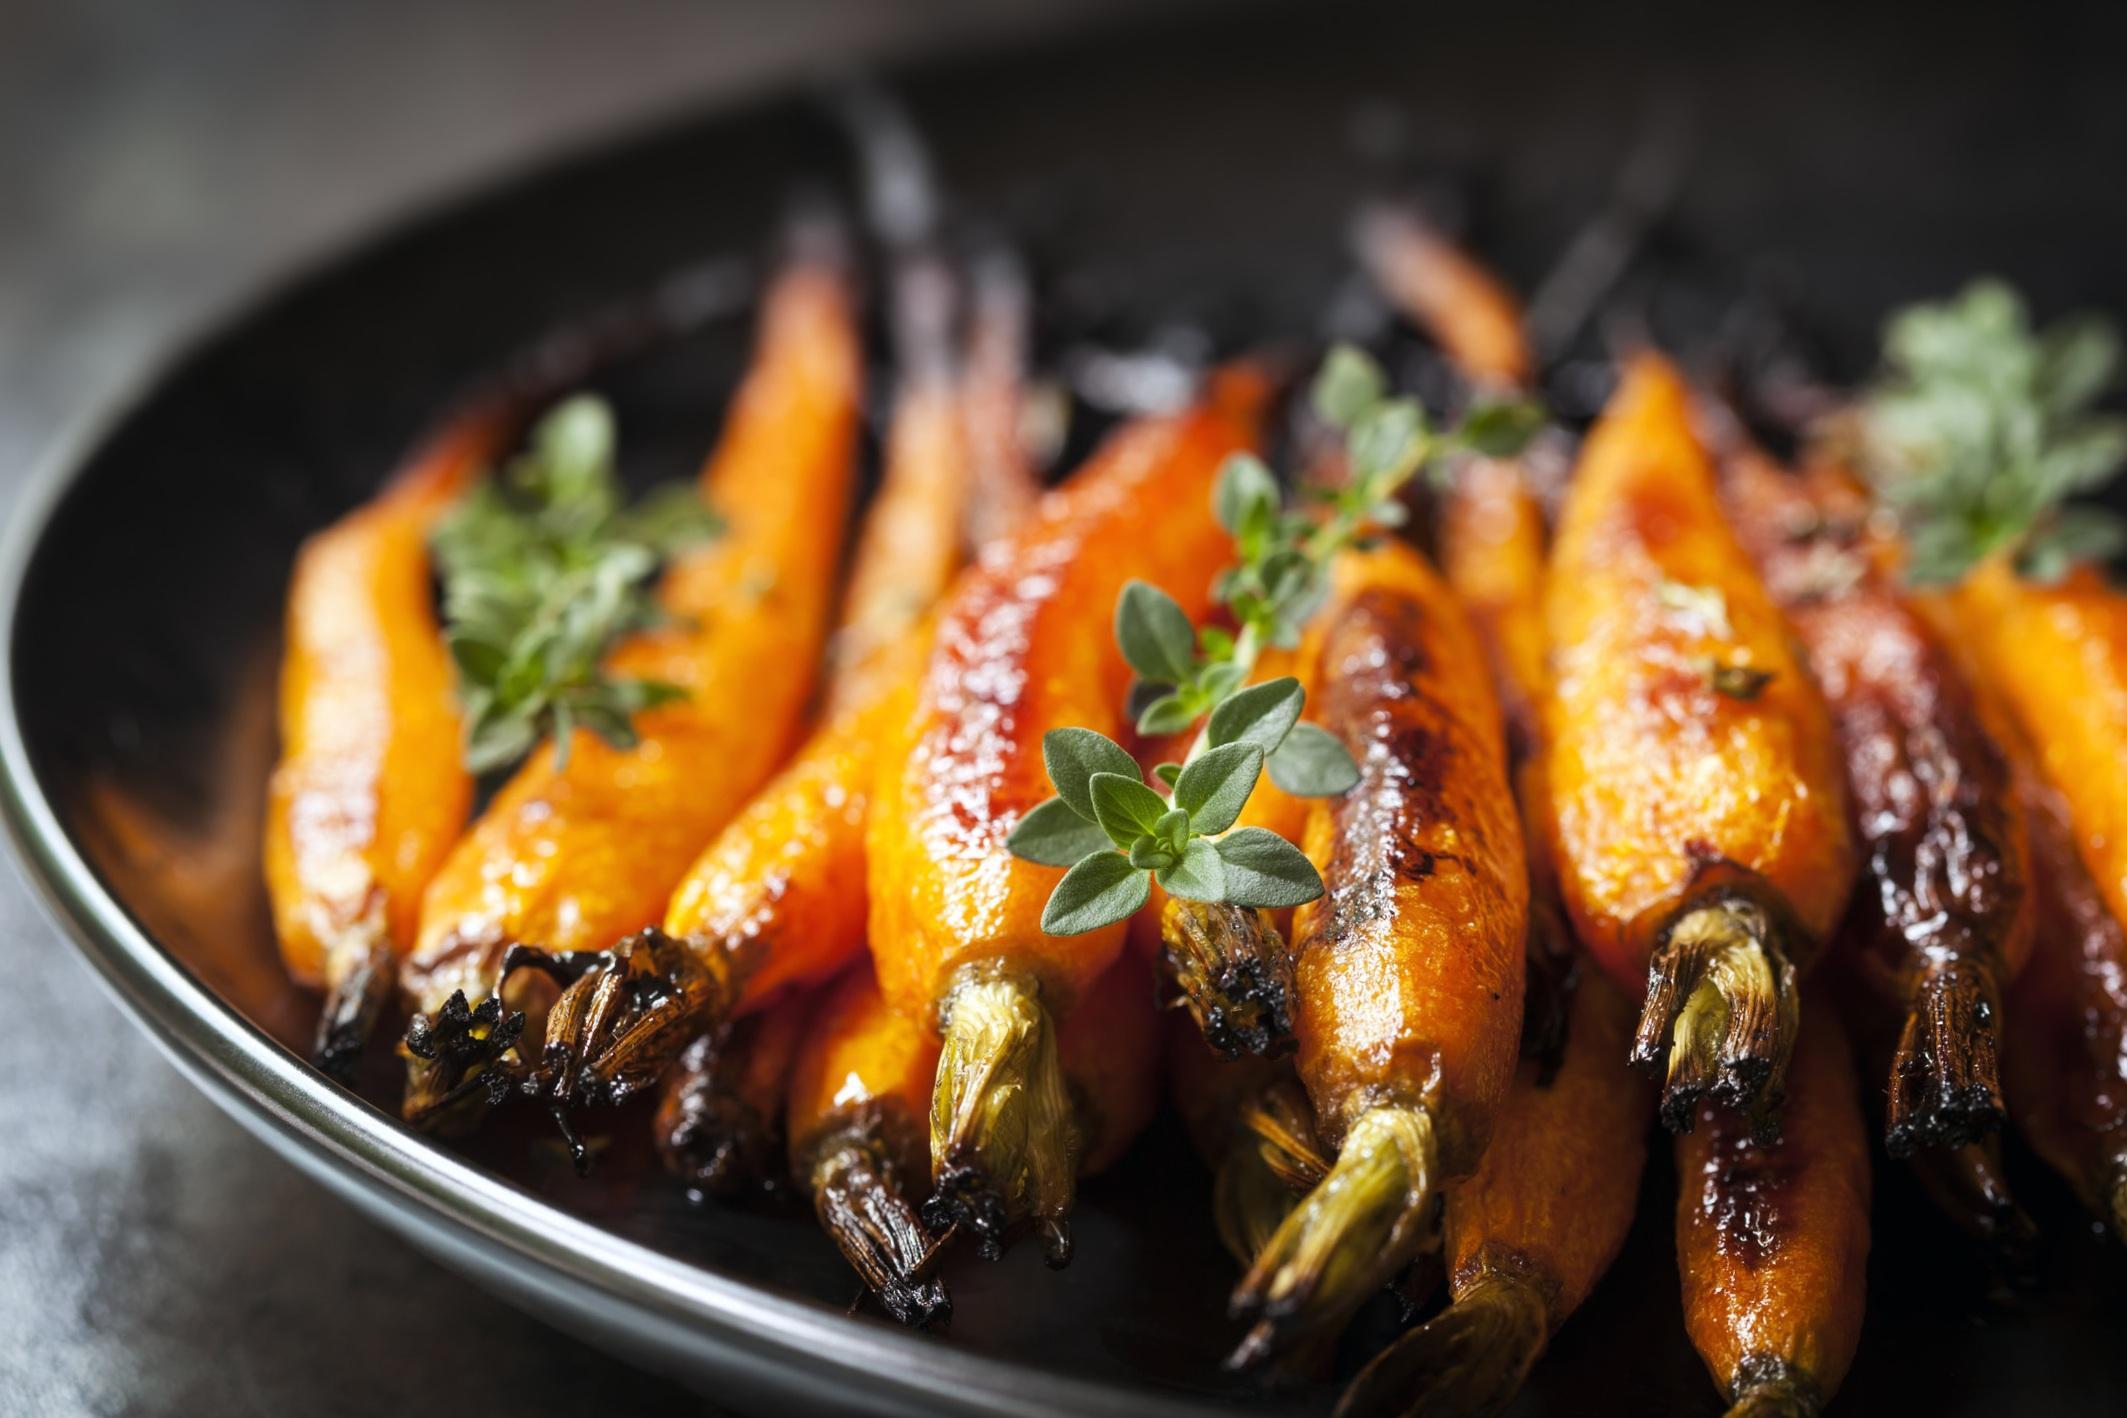 Carrots_AdobeStock_98534243.jpg